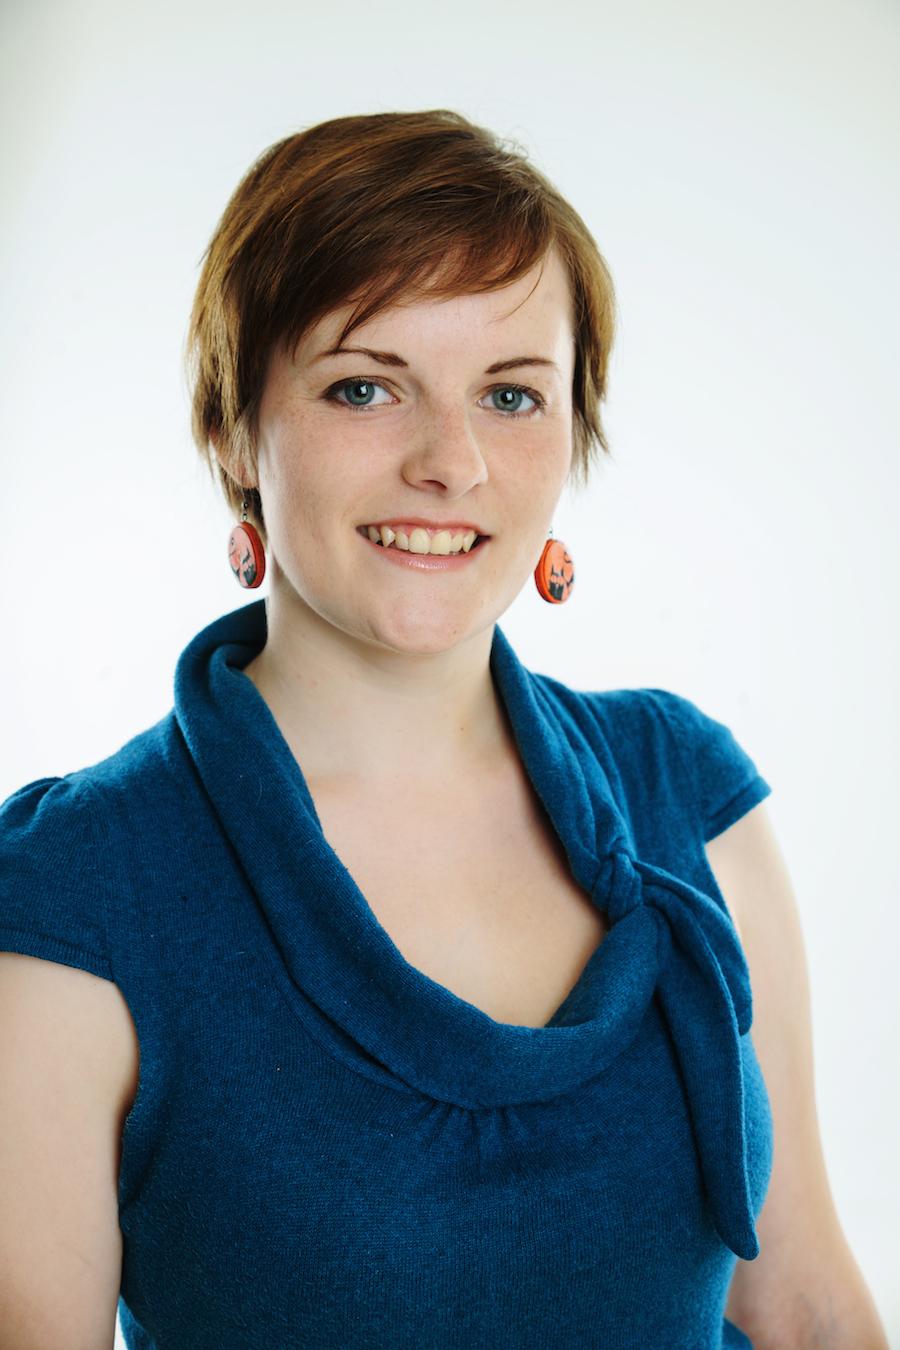 Laura Tuktēna Latviešu valodas skolotāja